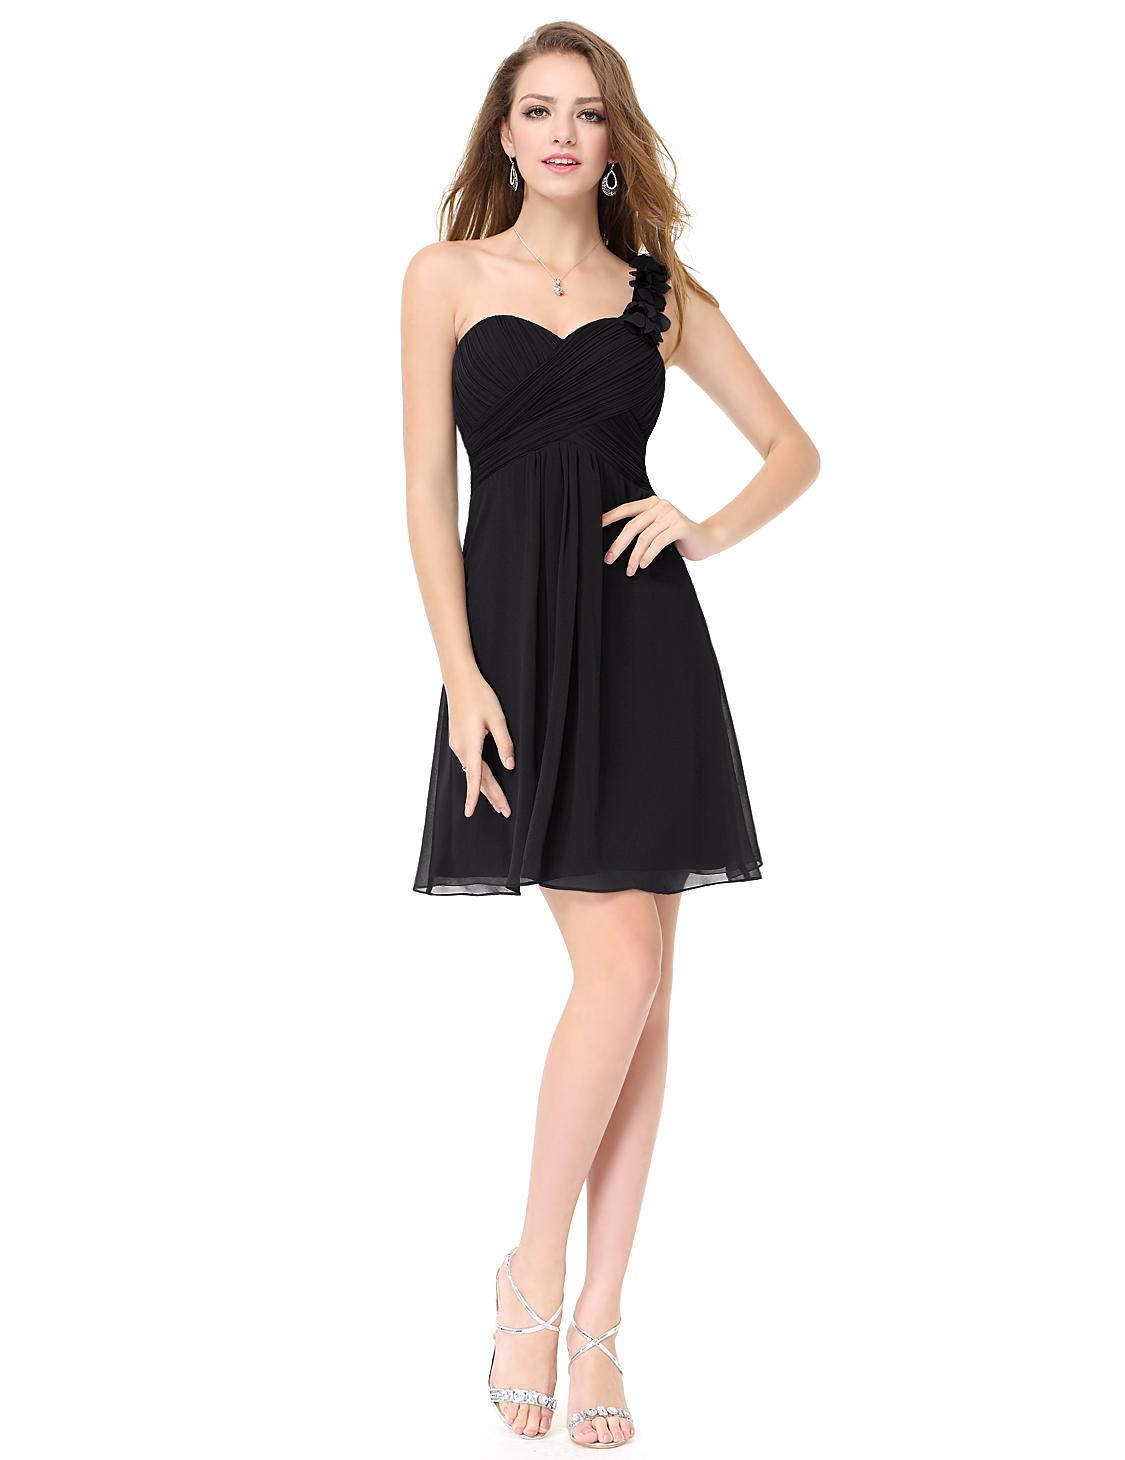 c61023680875 Ever Pretty šifonové šaty krátké černé 3535 - Glami.cz